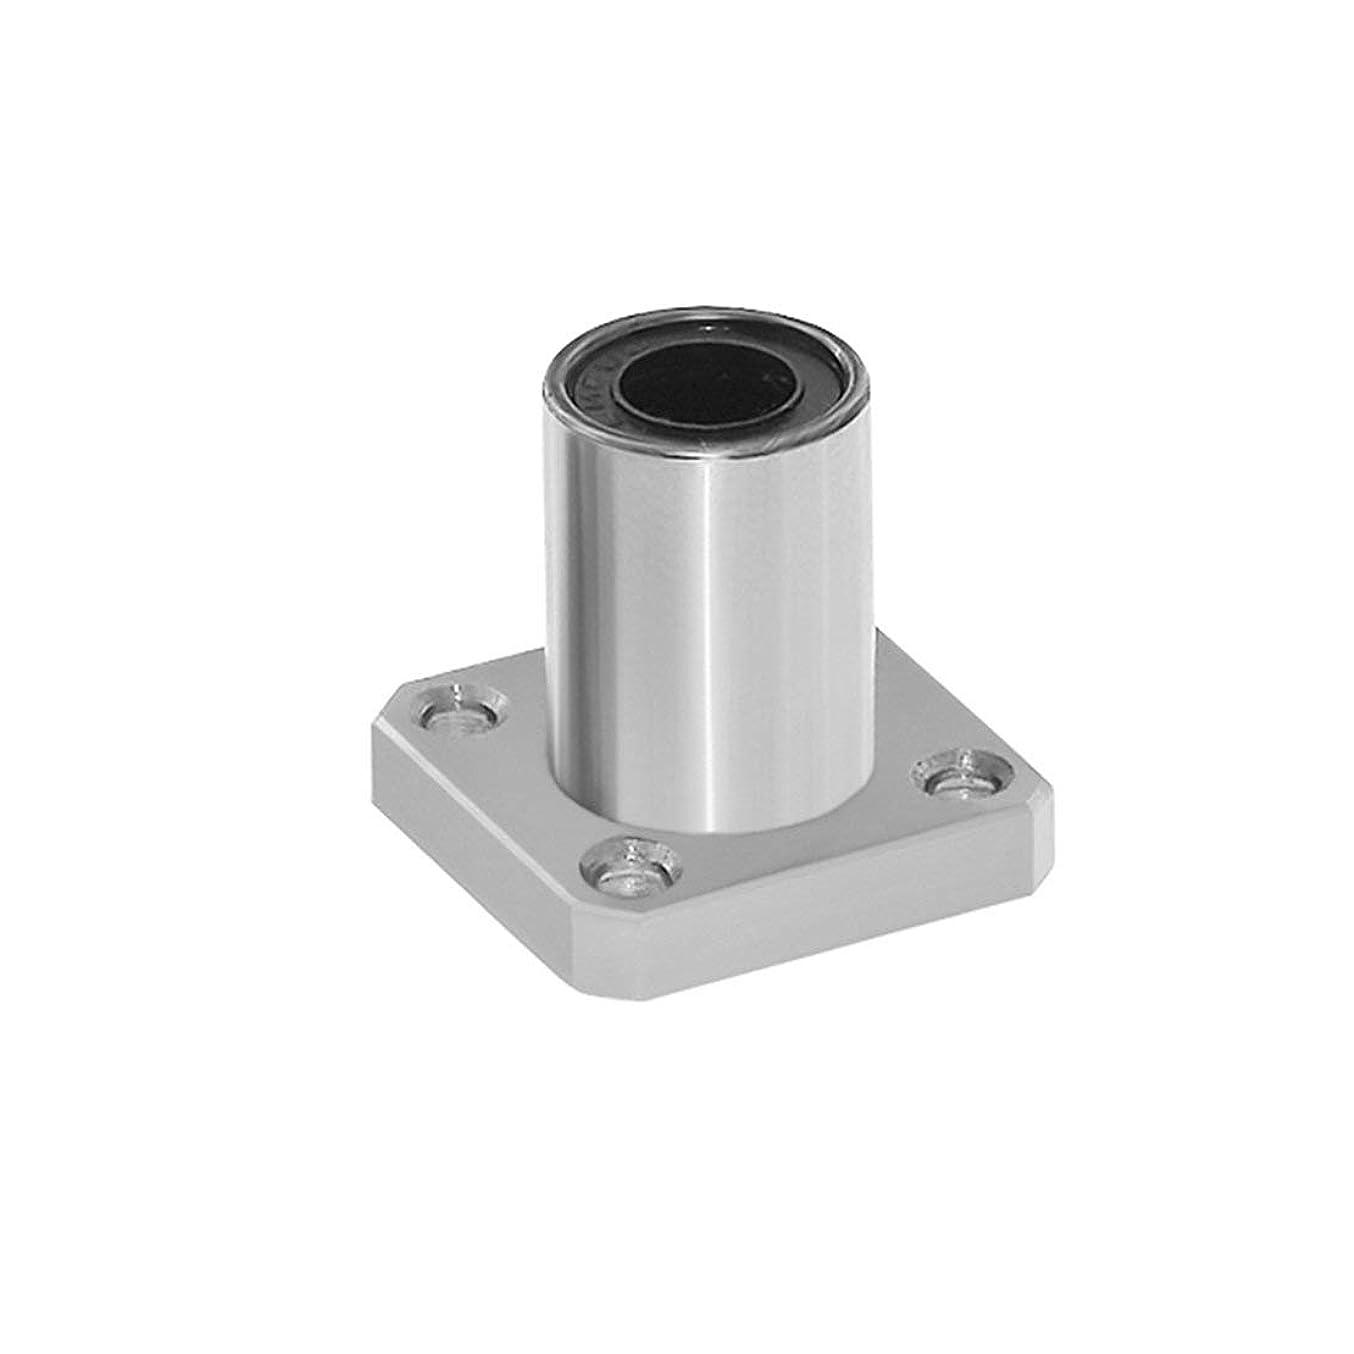 テント強制科学的1PC LMK10UU dr:3Dプリンター用の10mm角フランジタイプリニアベアリングブッシングリニアロッドスティック電動工具CNC部品 (PandaWelly)